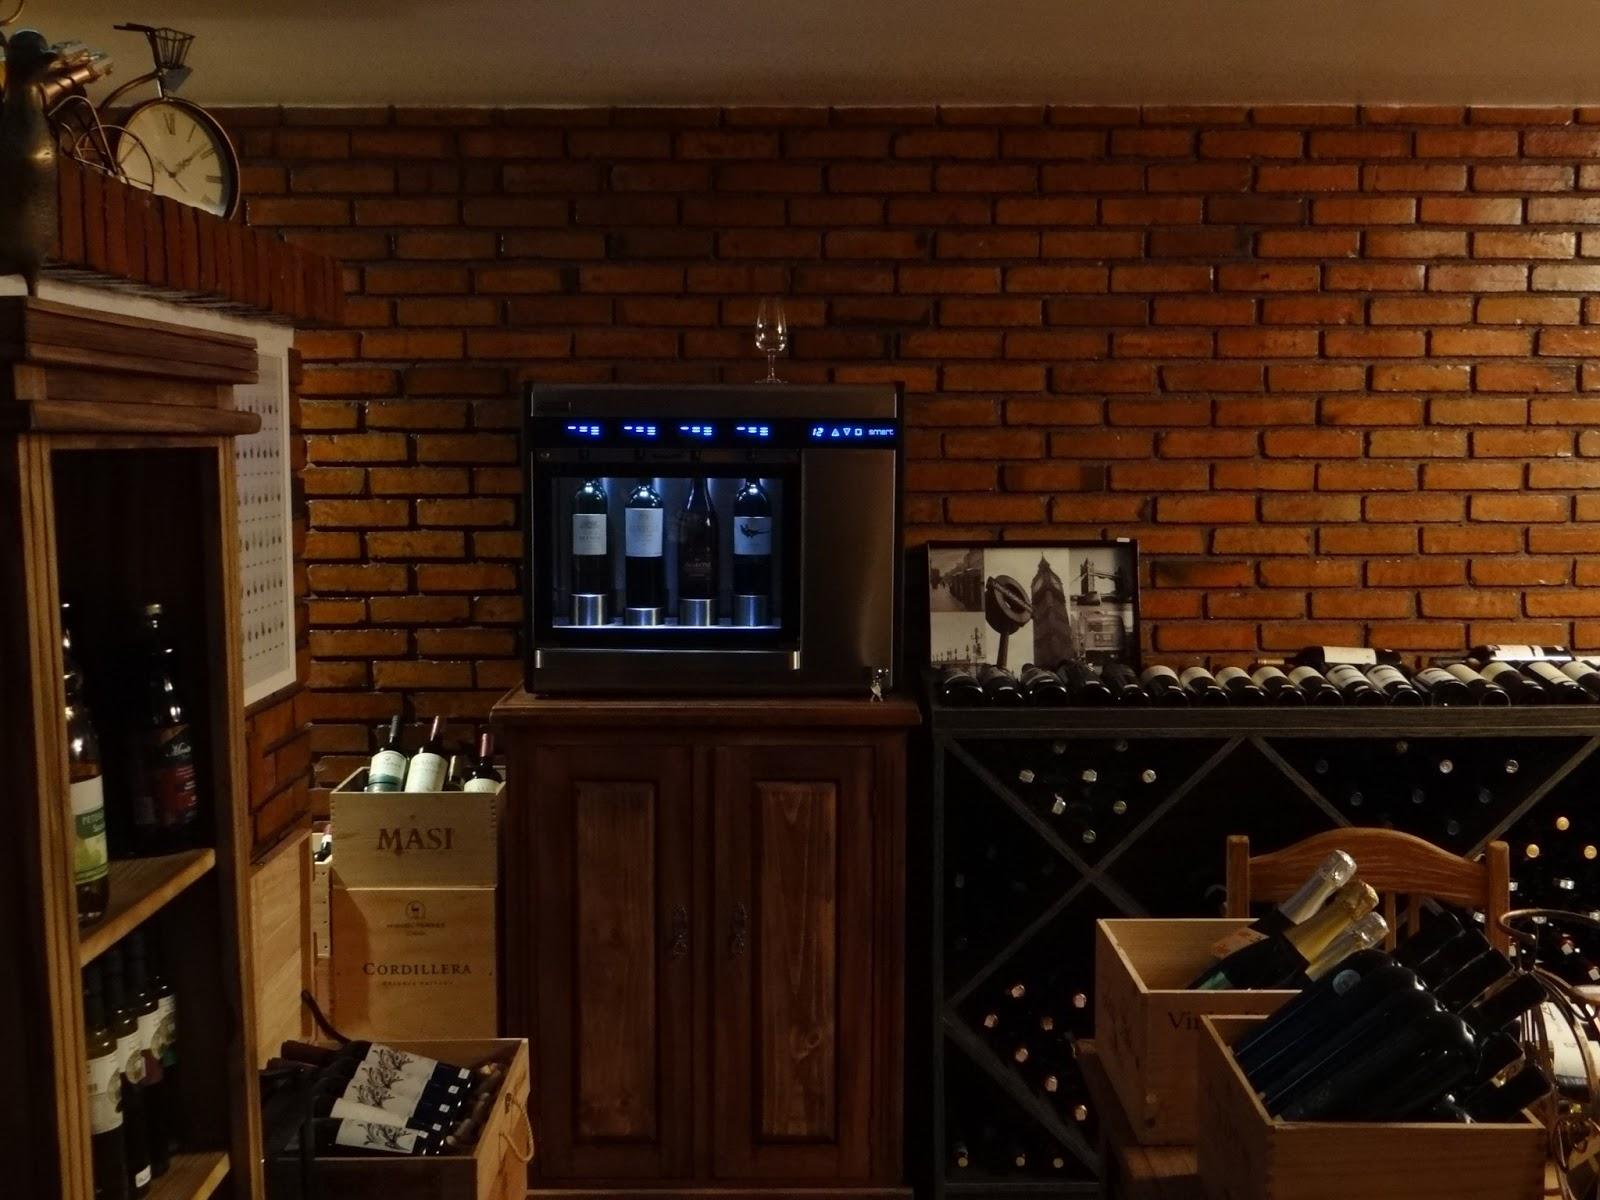 Um passeio pela loja da vinho arte casa - Arte casa cernusco ...